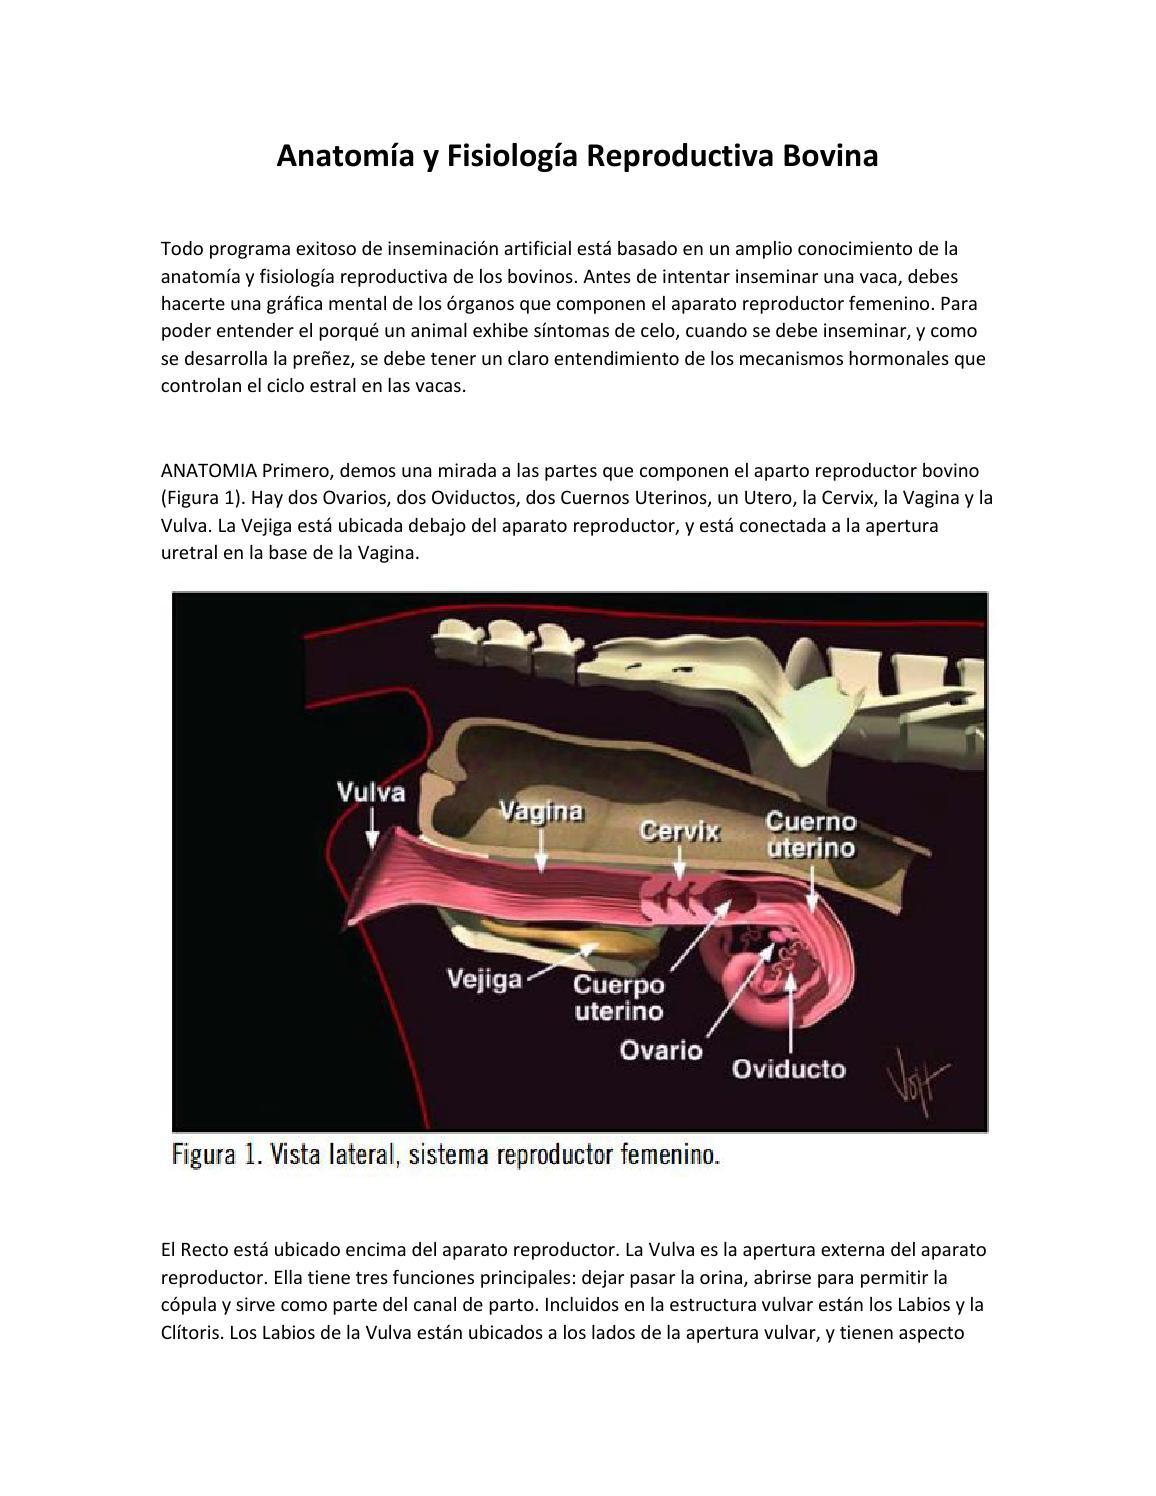 Anatomía y fisiología reproductiva bovina by Andres Mejia - issuu